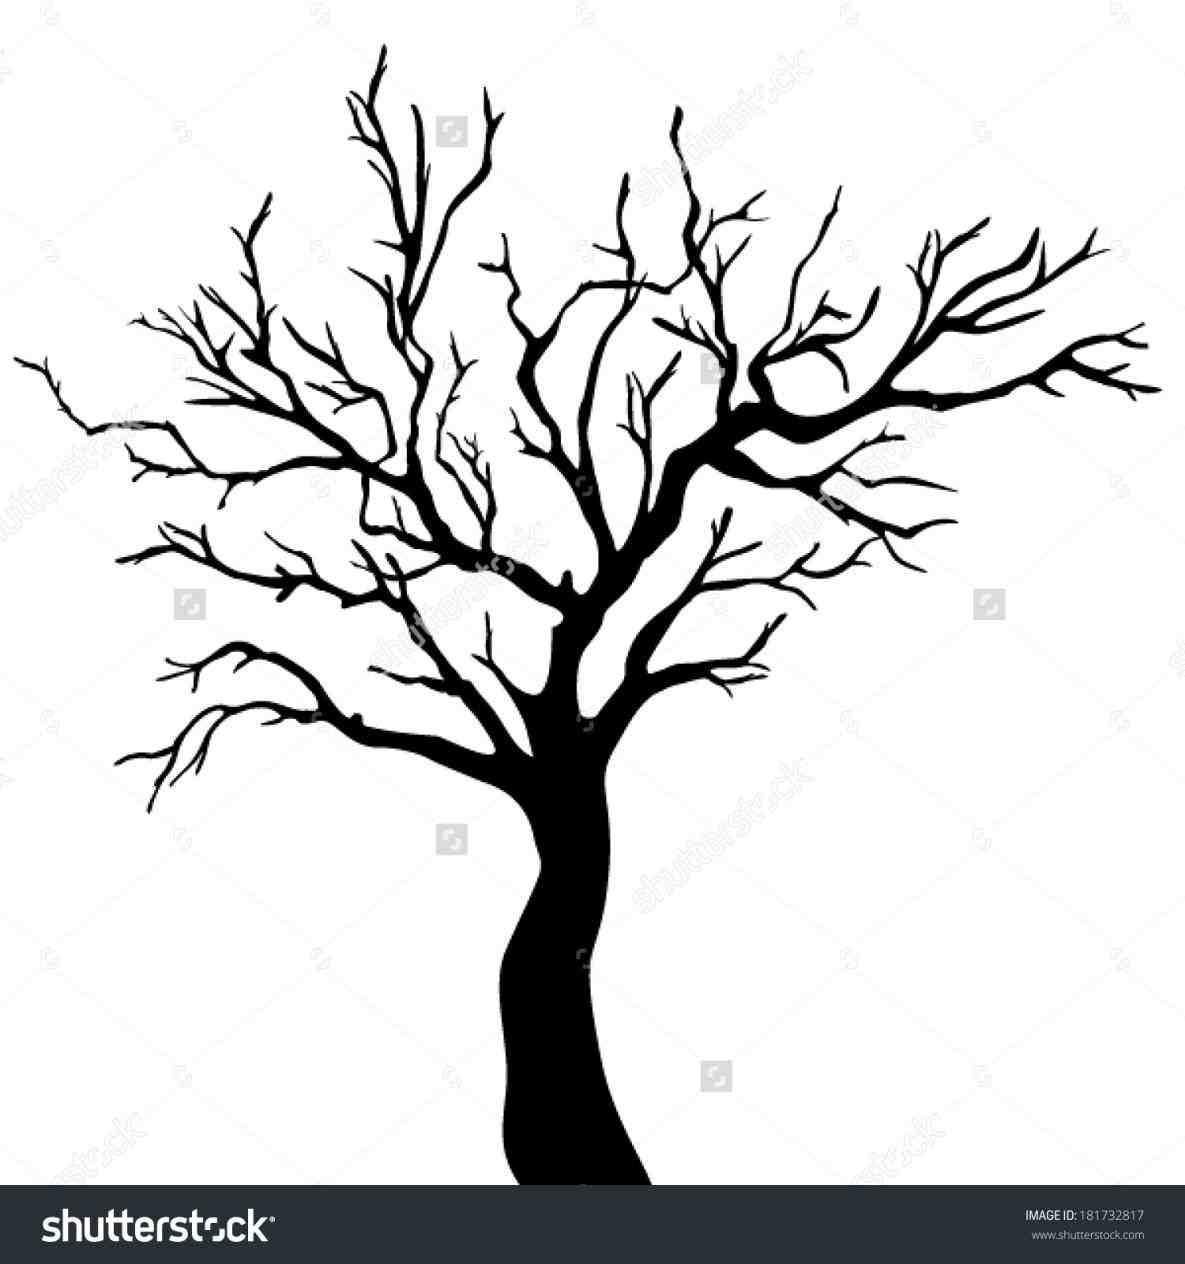 1185x1264 Drawn Dead Tree